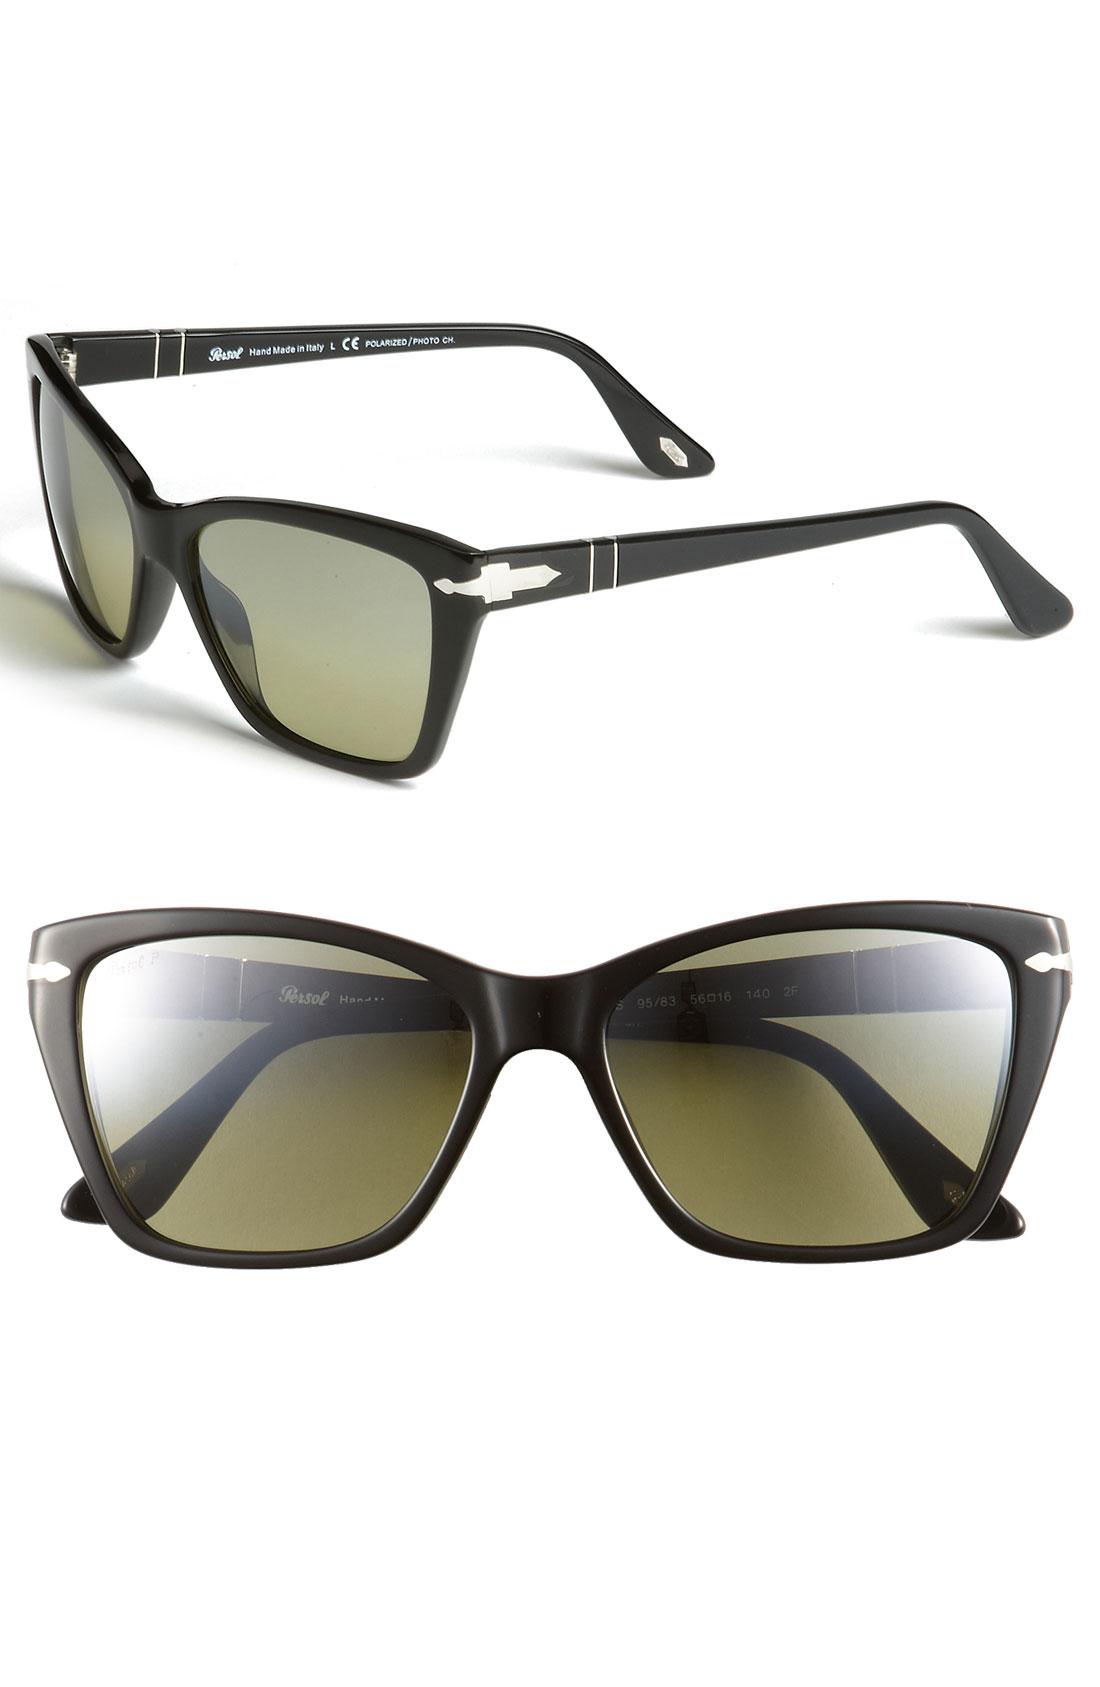 persol sunglasses 01gi  persol square frame aviators